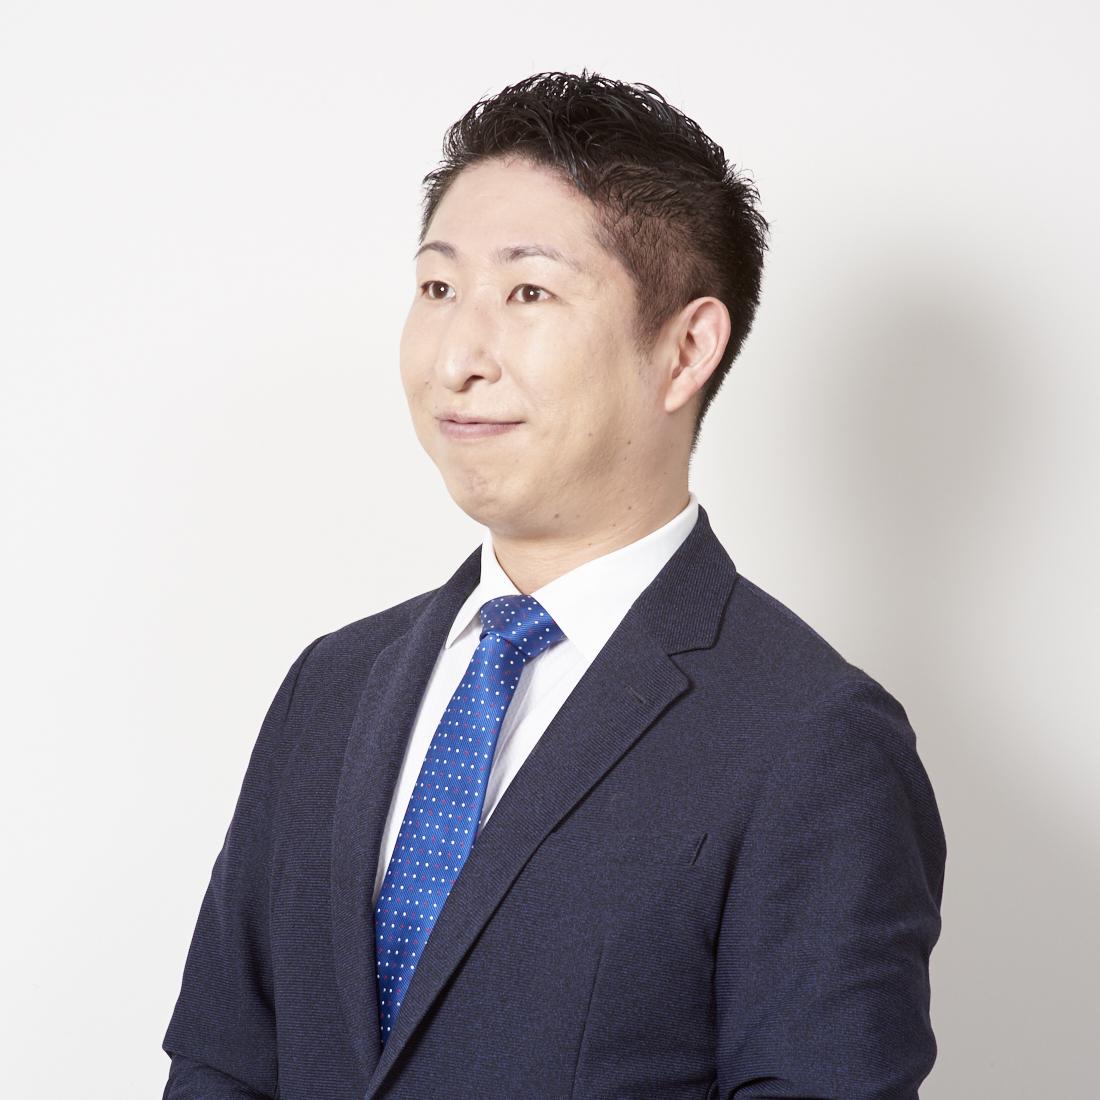 Tomo Inoue